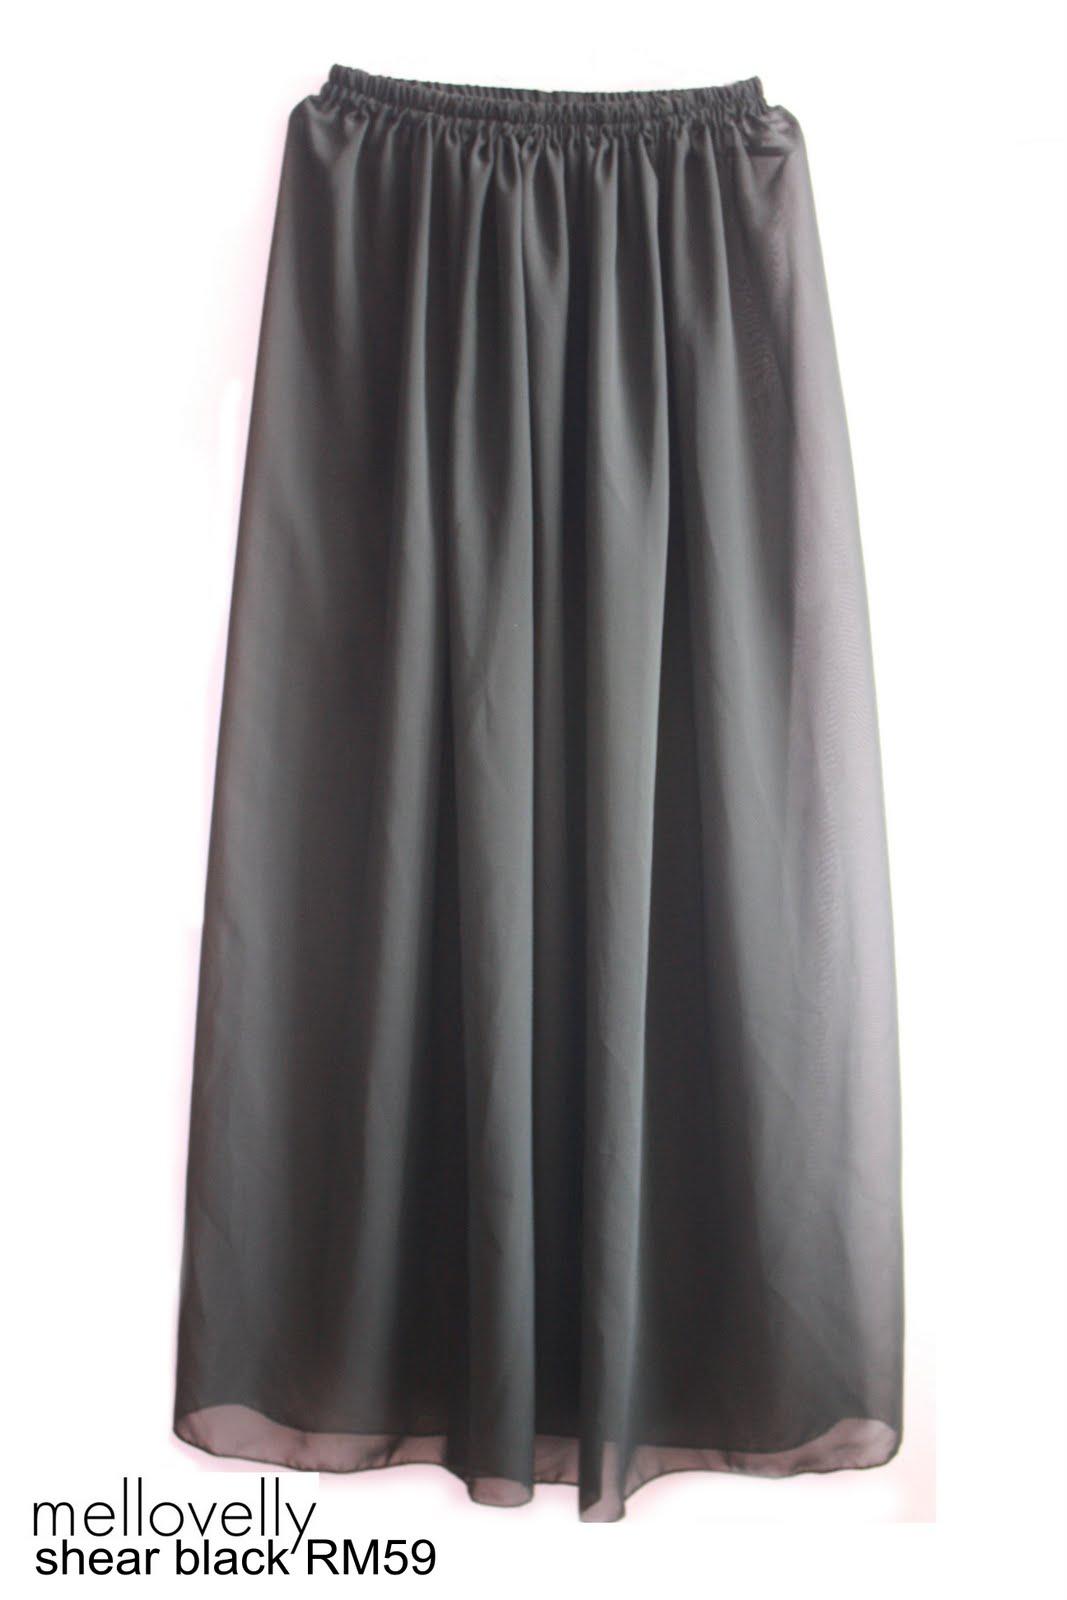 mellovelly volume 1 sheer chiffon maxi skirt